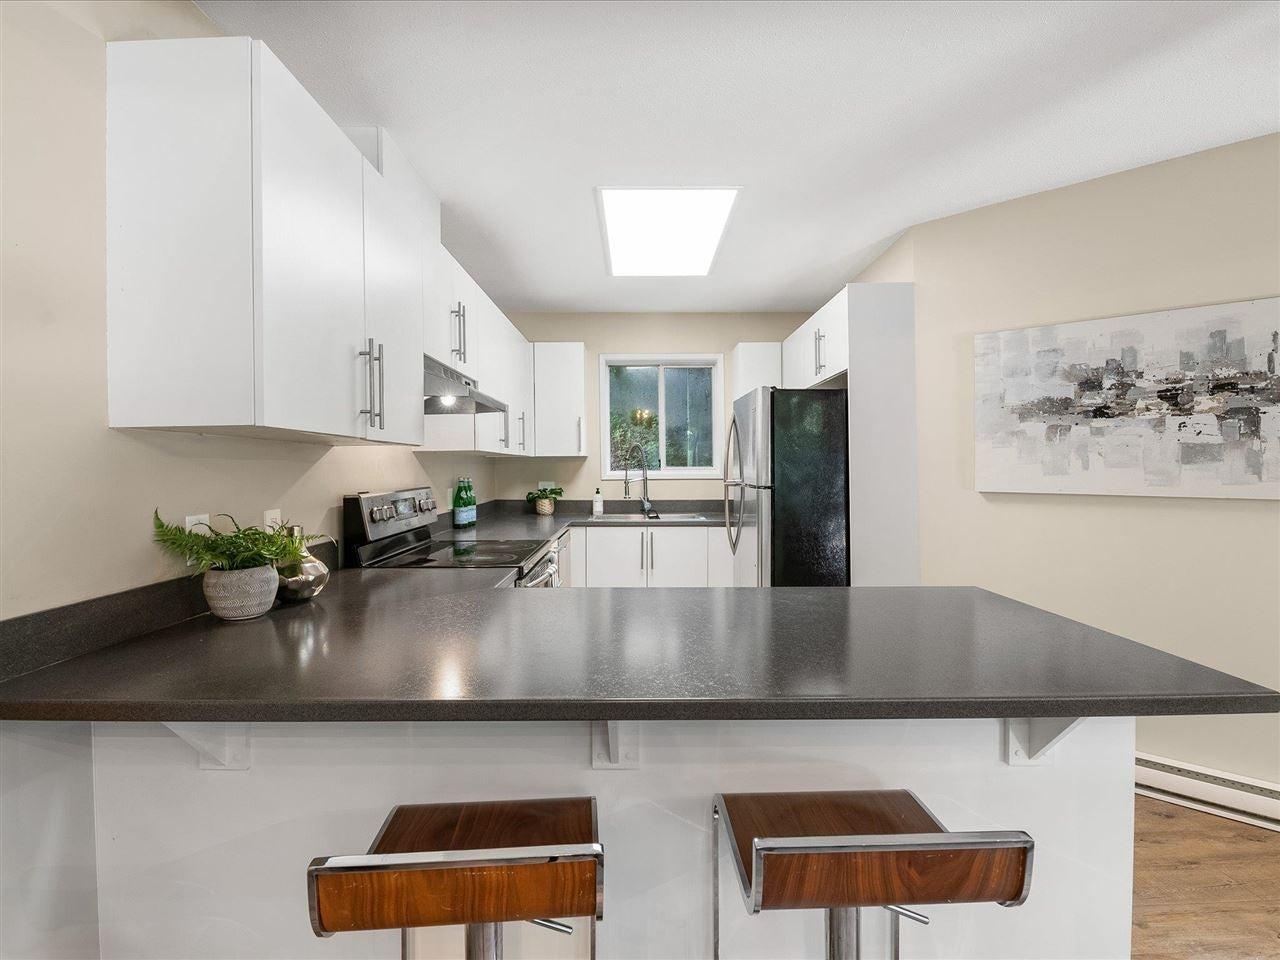 72 2222 BRANDYWINE WAY - Bayshores 1/2 Duplex for sale, 3 Bedrooms (R2591139) - #7